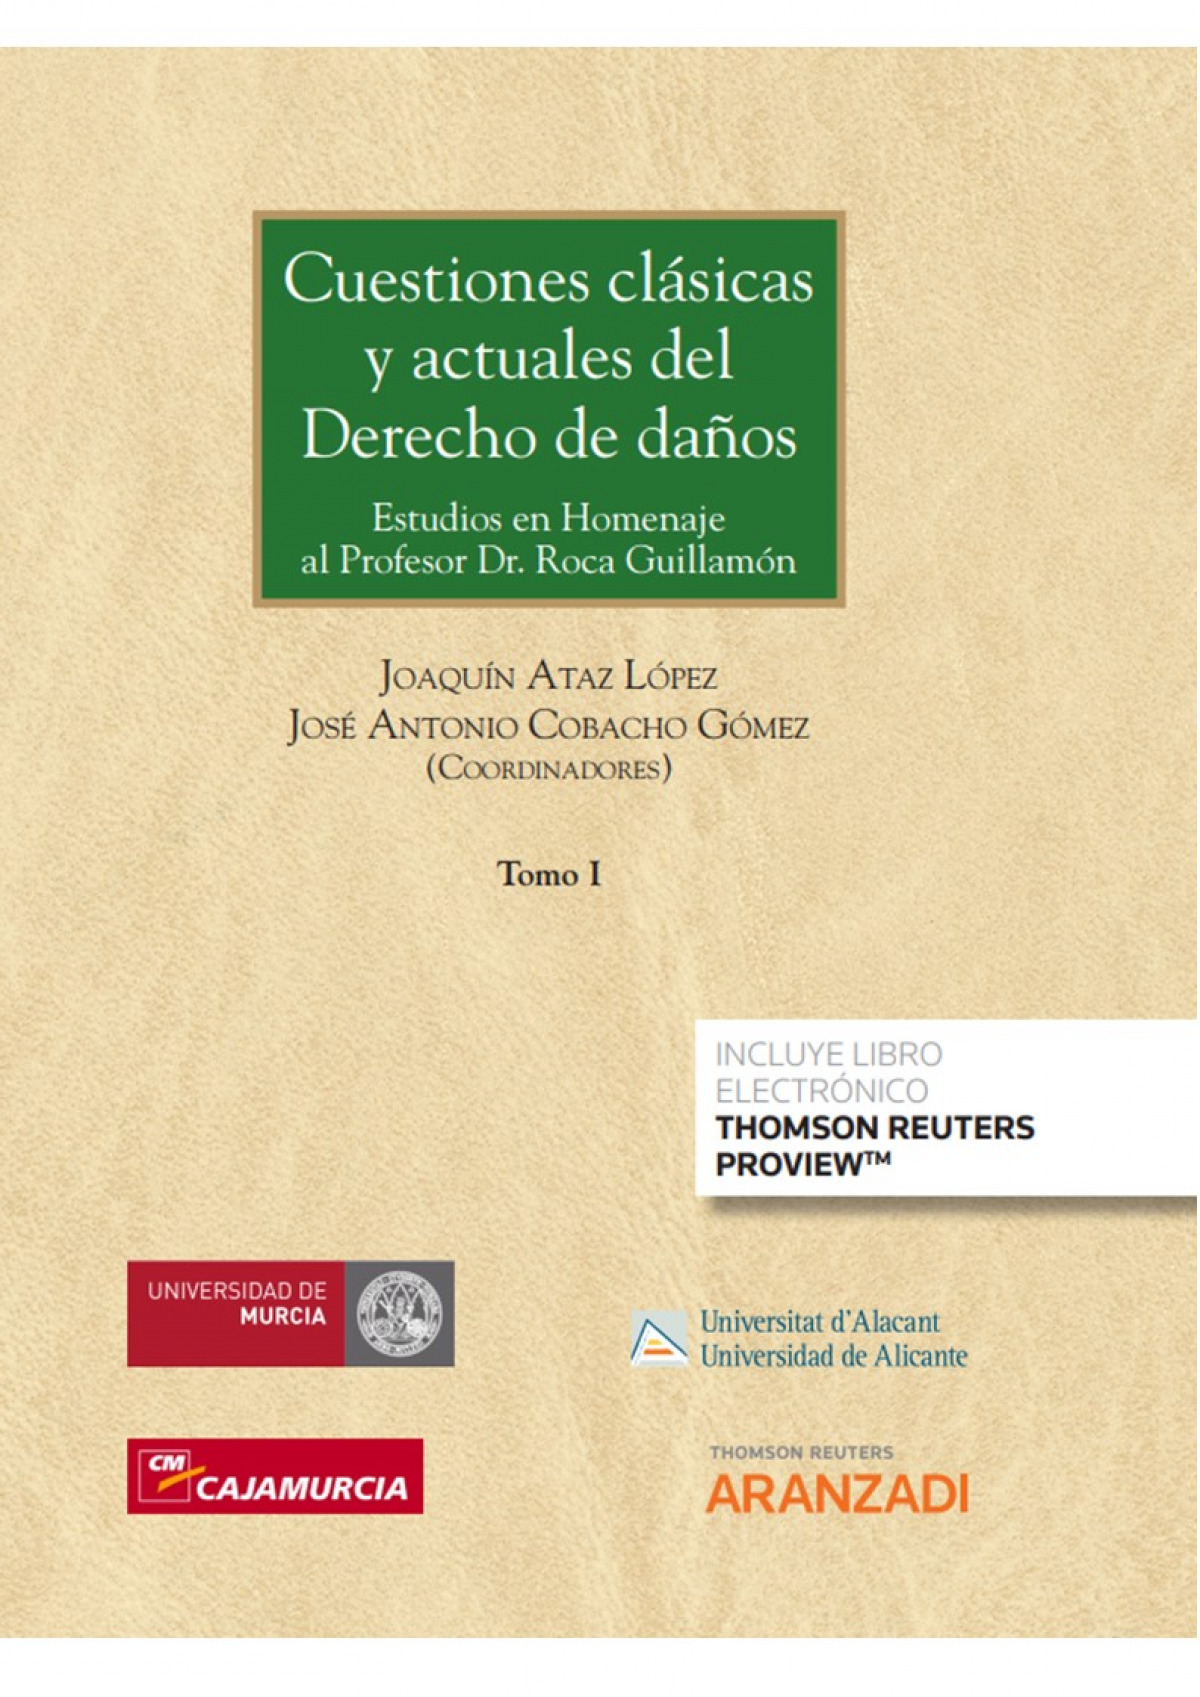 Cuestiones clásicas y actuales de derecho de daños (tomos I a III)